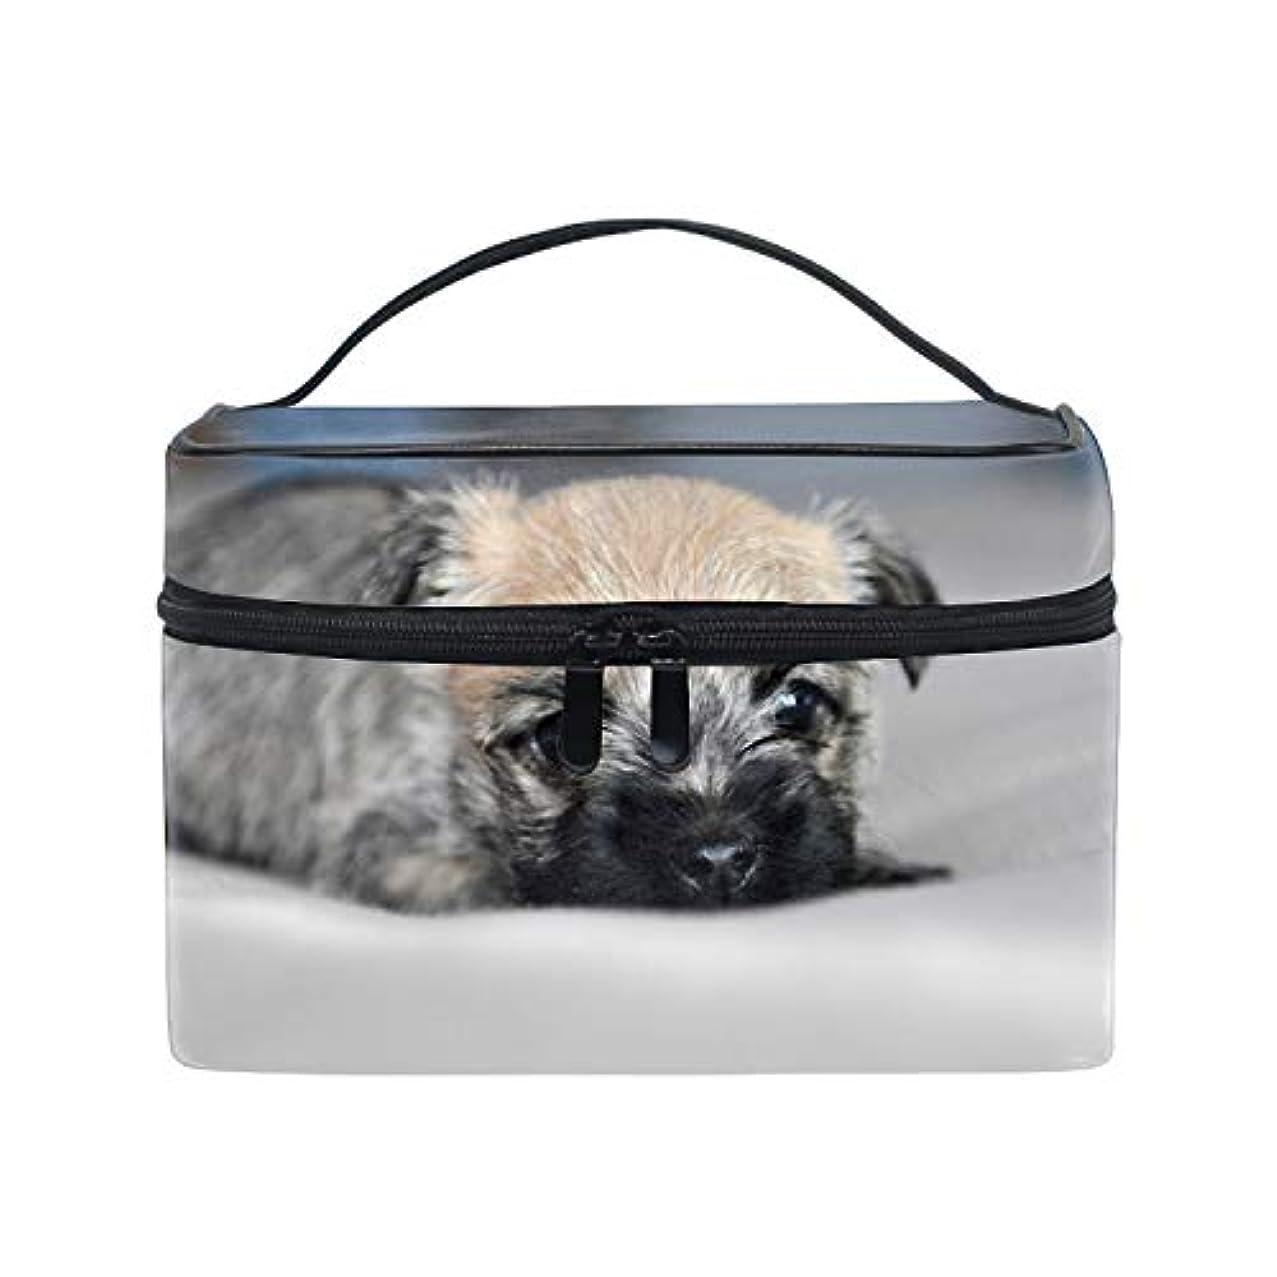 調整夜請願者ケアンテリア小型子犬犬スコットランドコスメ 化粧 ポーチ レディース 大容量 コンパクト 中身が見やすい 防水 シンプル 小物入れ 旅行